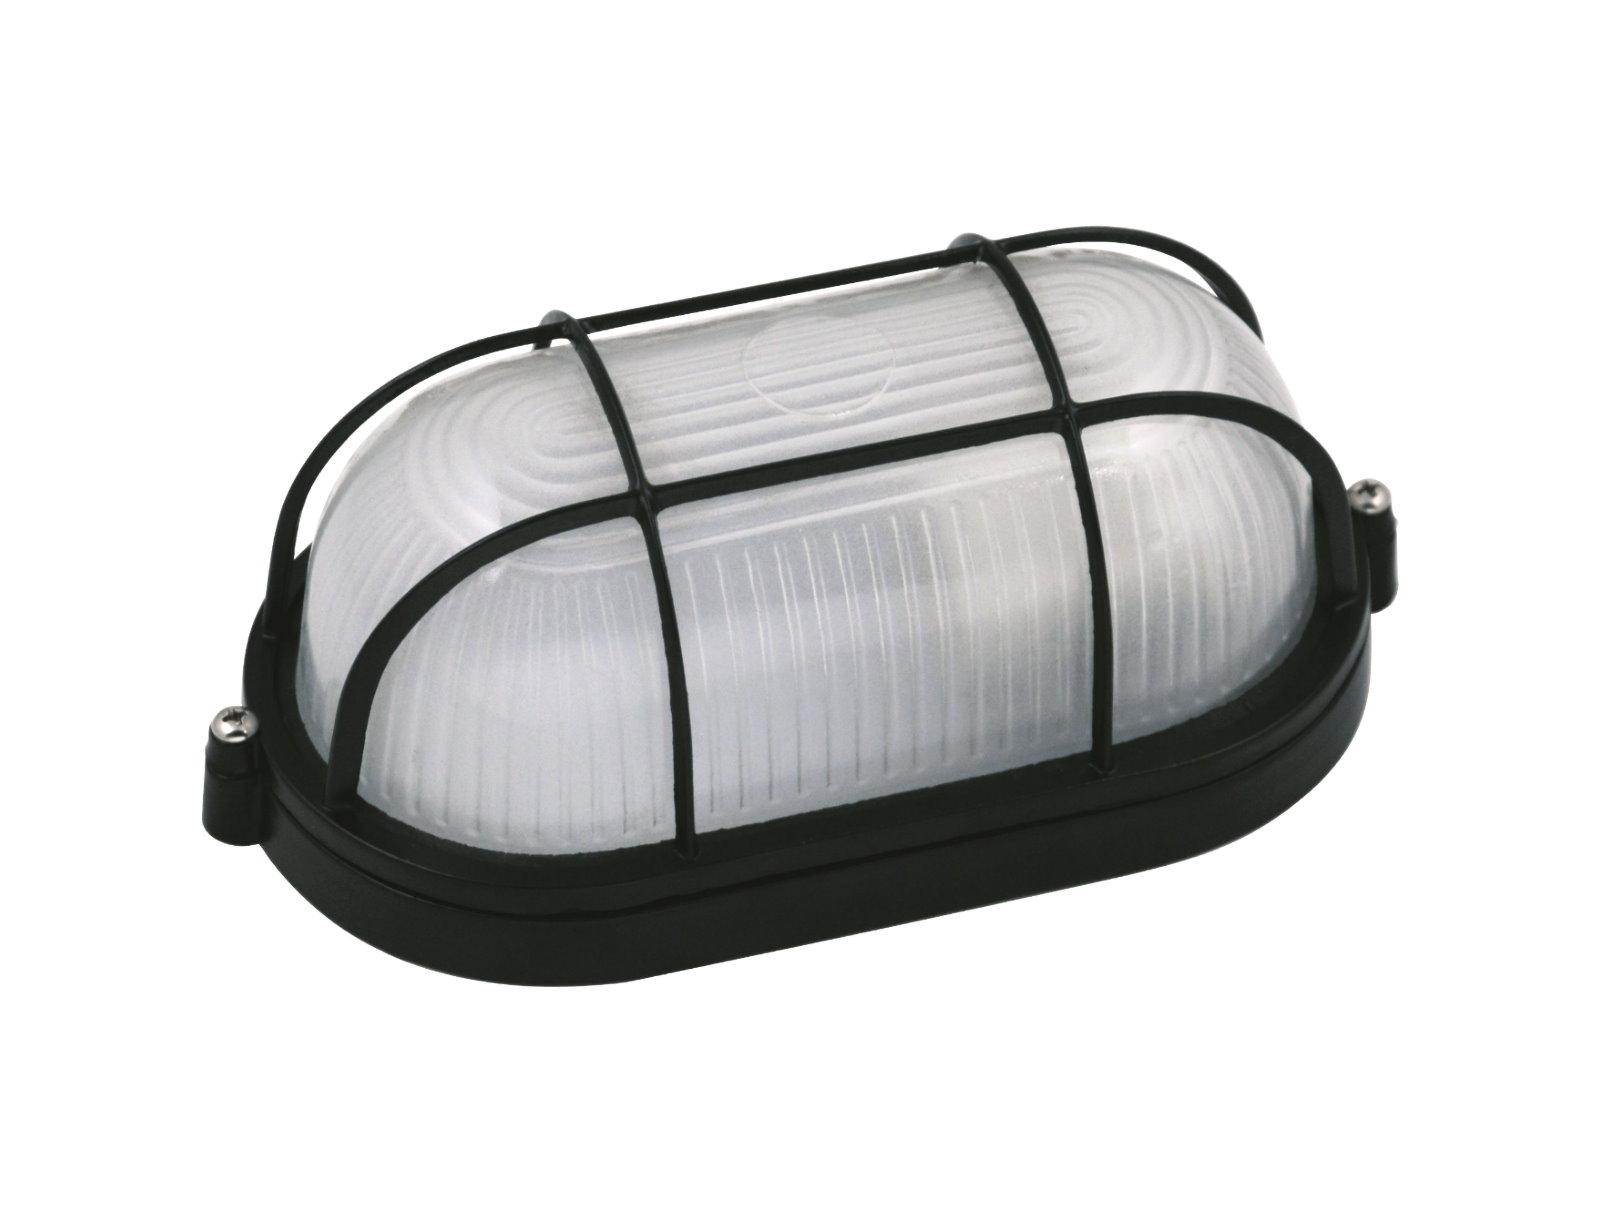 horoz kellerleuchte kellerlampe keller lampe leuchte ip54 wandleuchte alu glas ebay. Black Bedroom Furniture Sets. Home Design Ideas